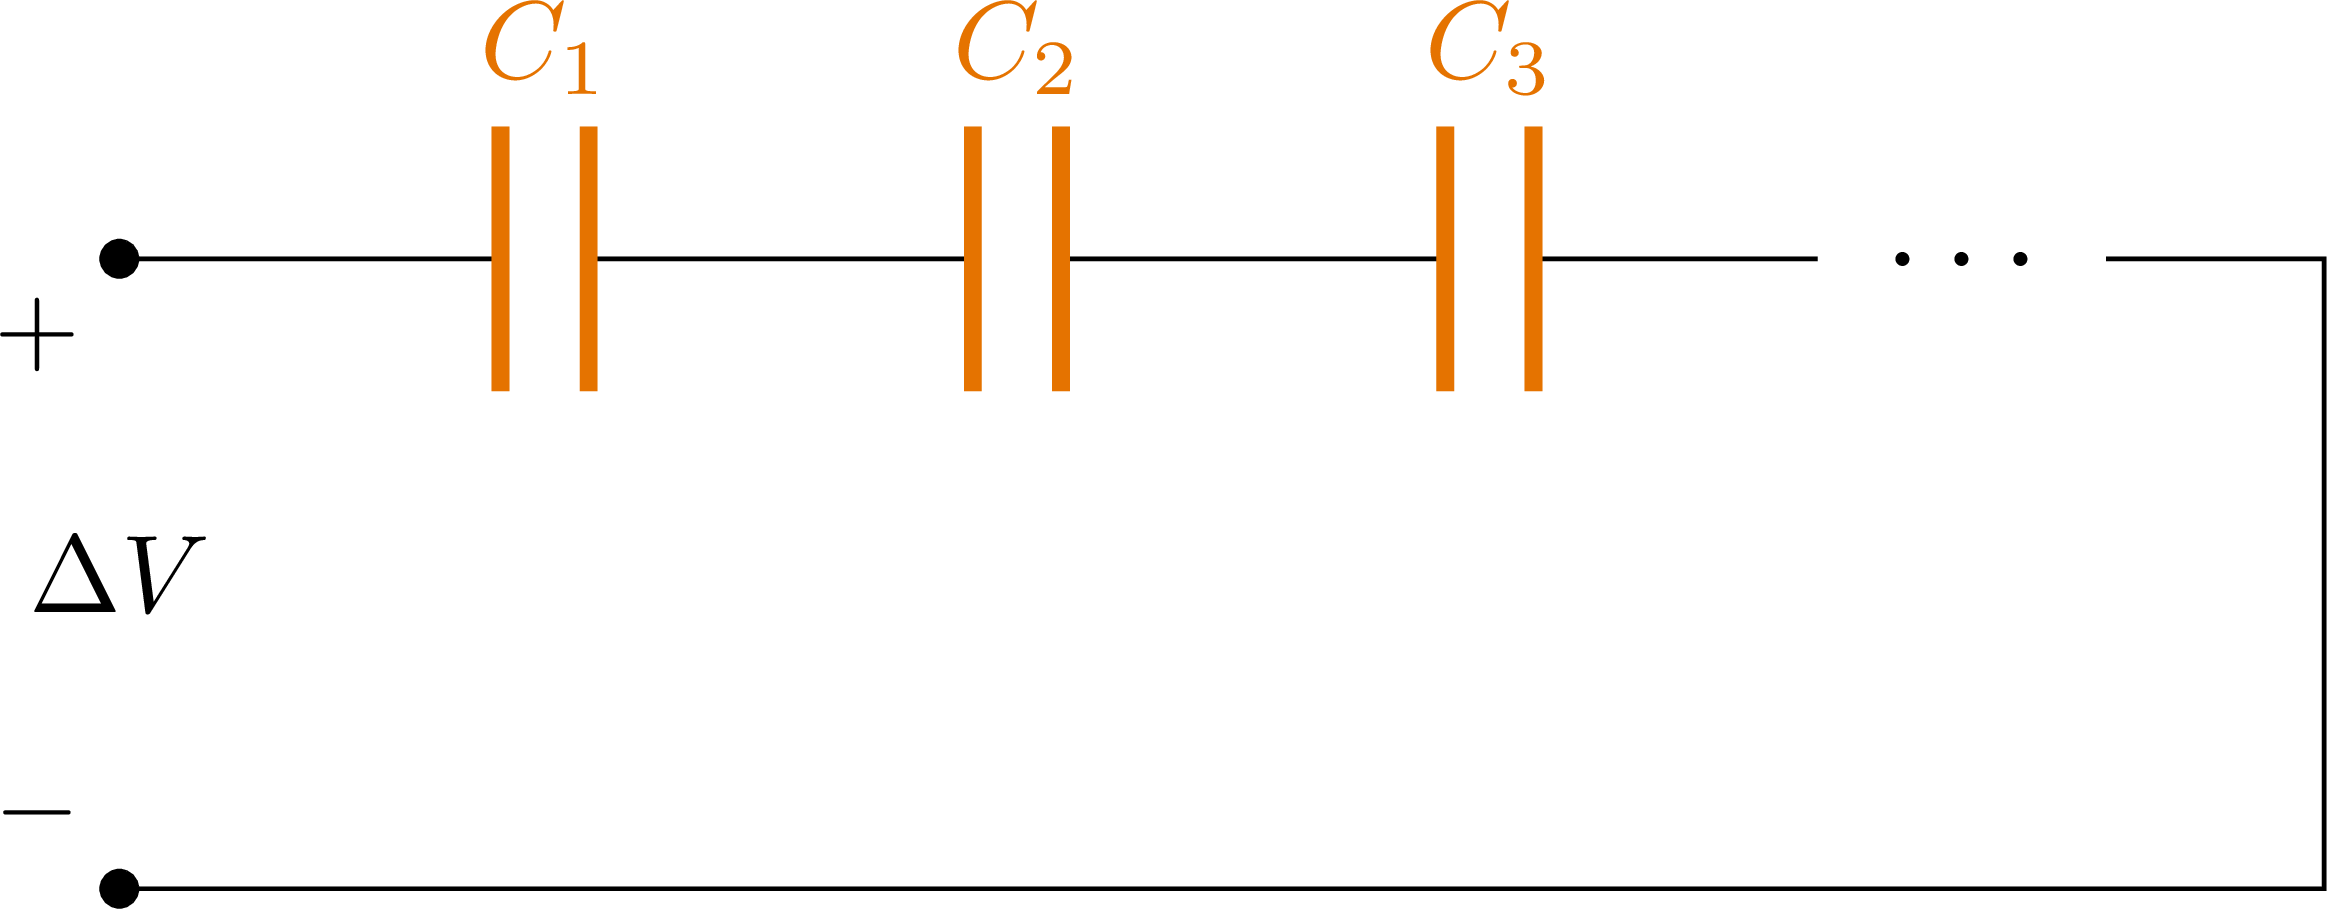 electric_circuit_capacitors-005.png